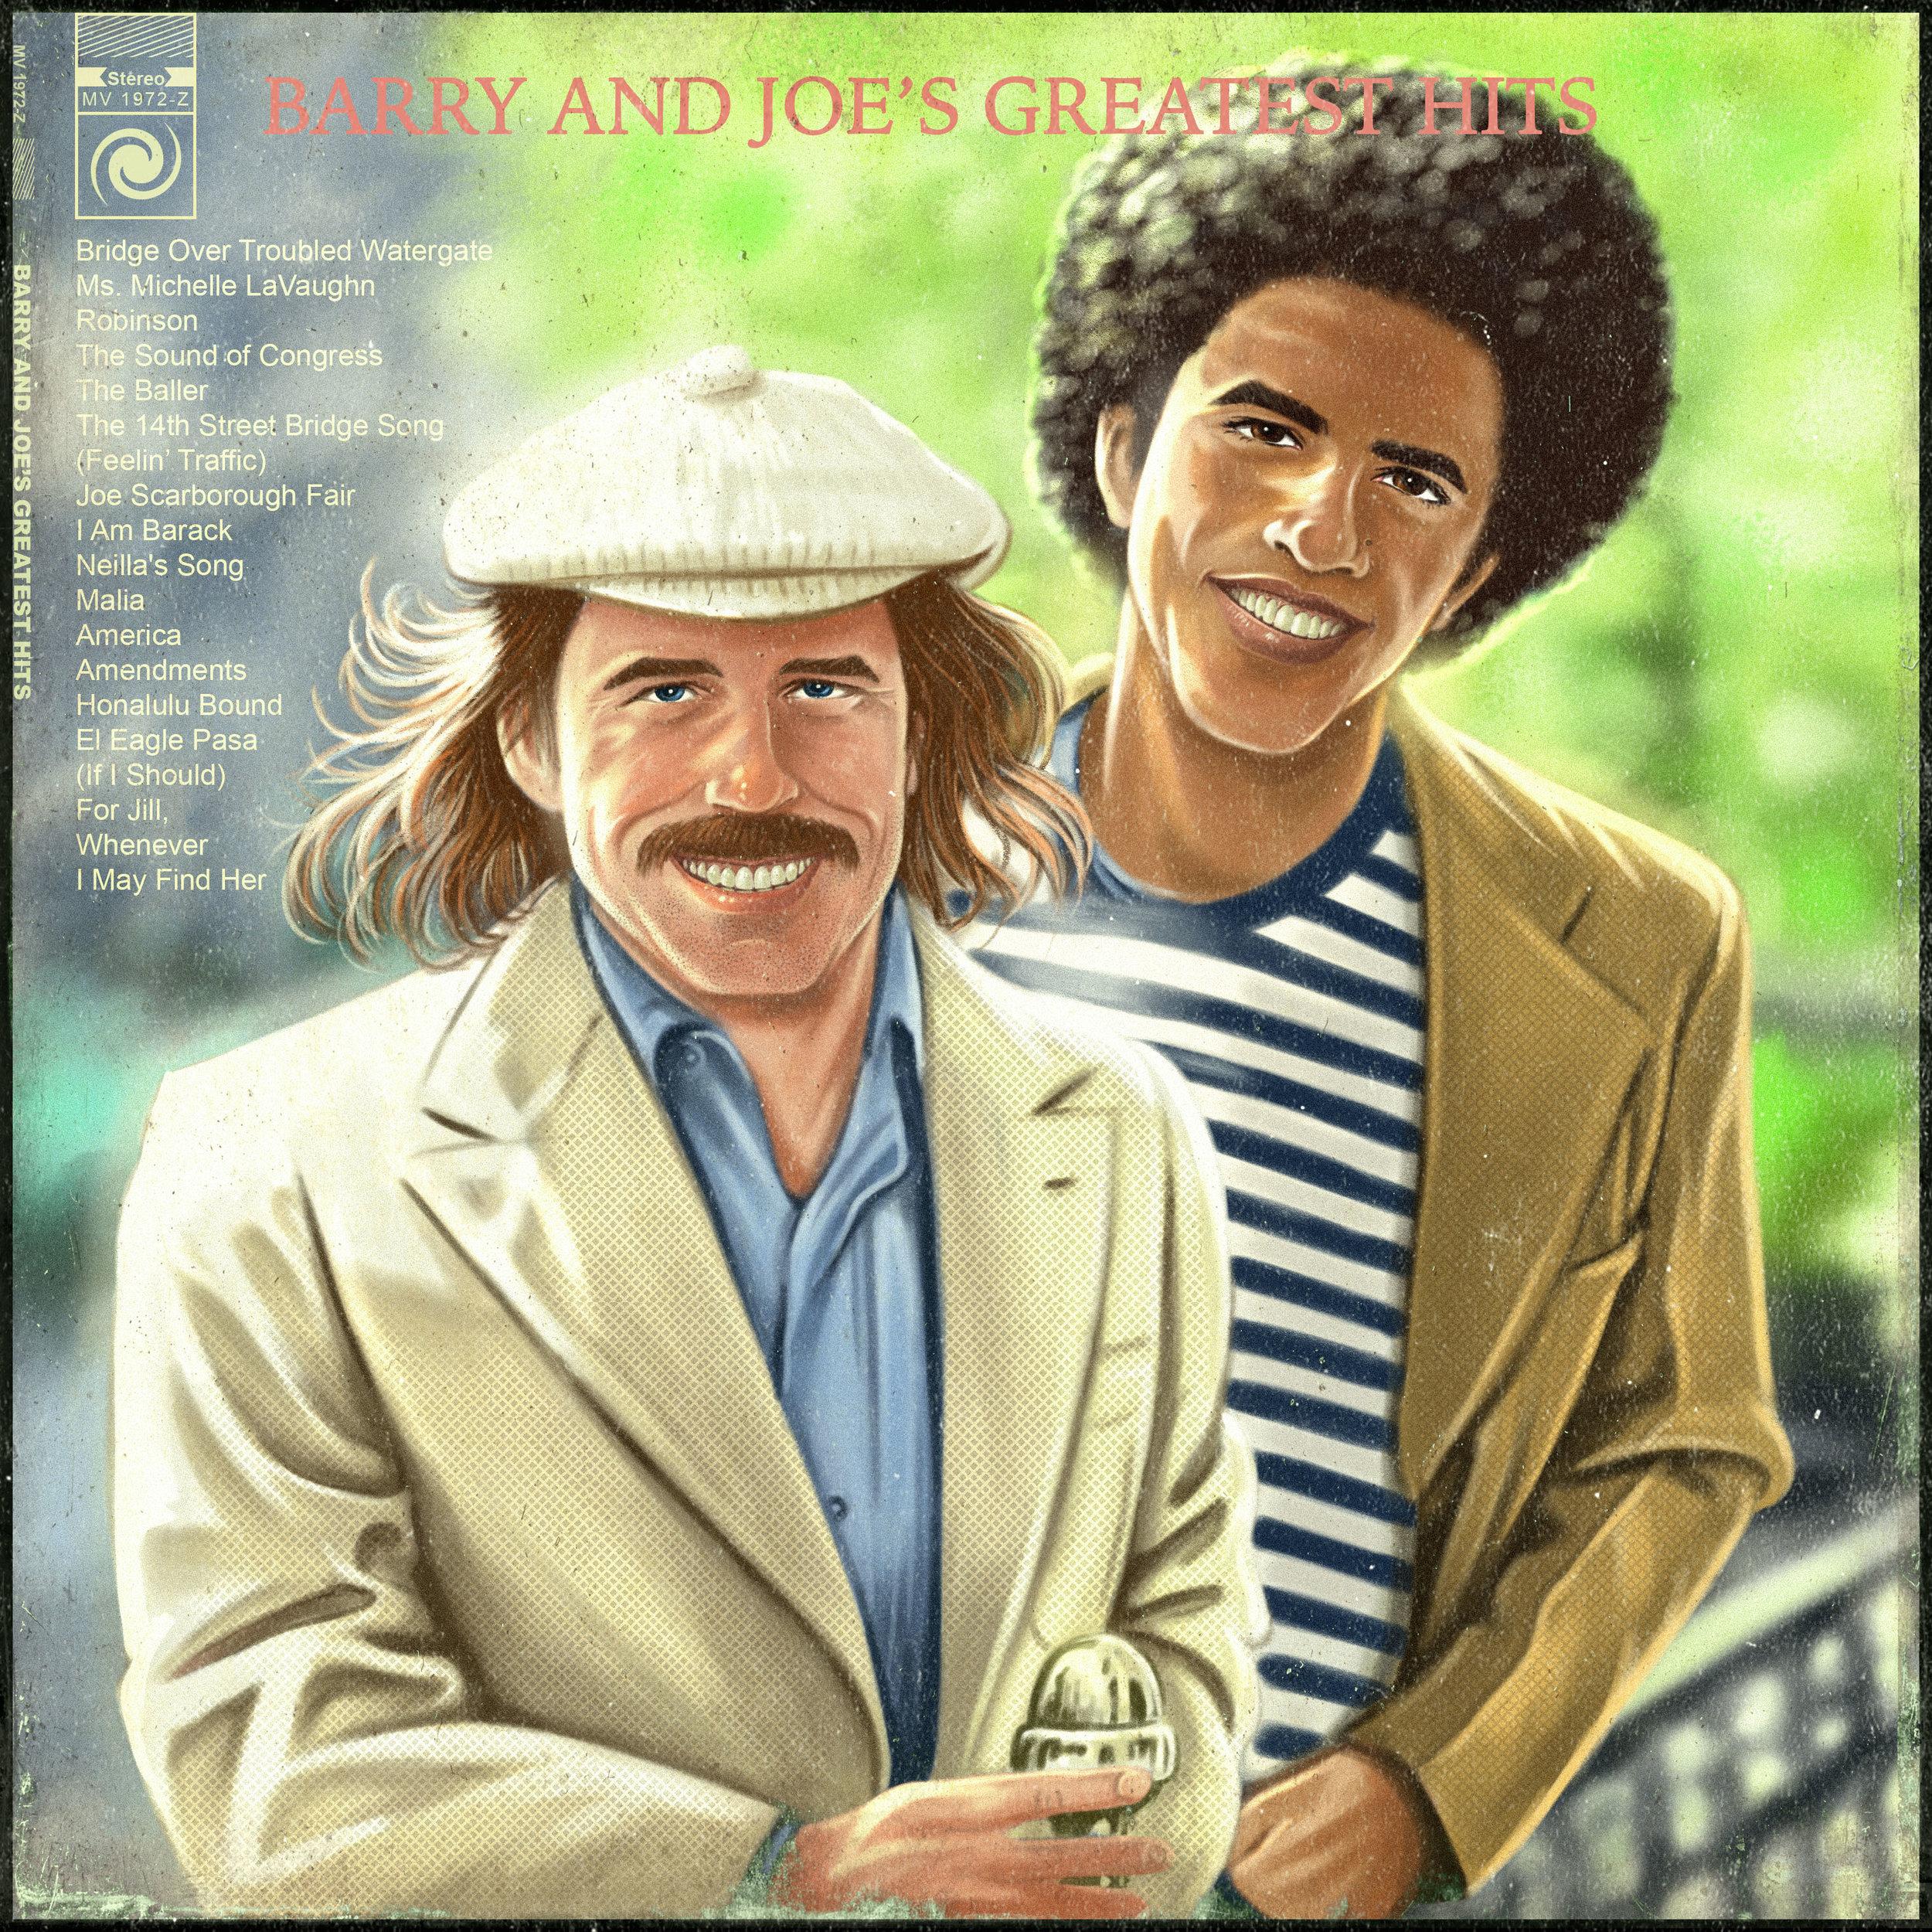 B&J_Simon&Garfunkel_02b.jpg